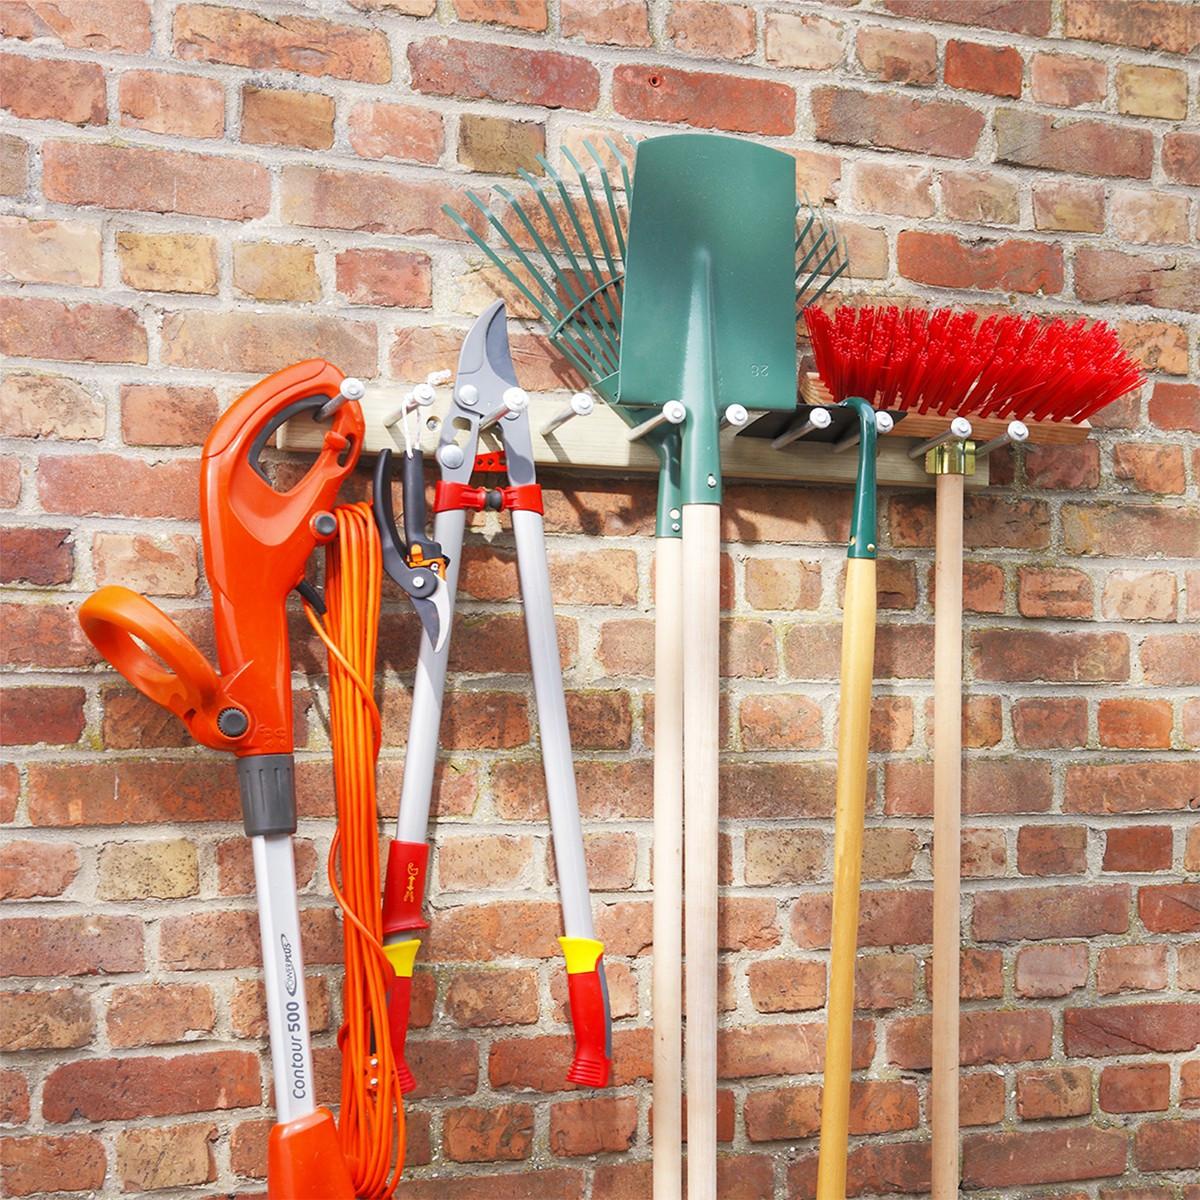 Porte outils jardin bois rangement outils - Fabriquer un porte outils de jardin ...